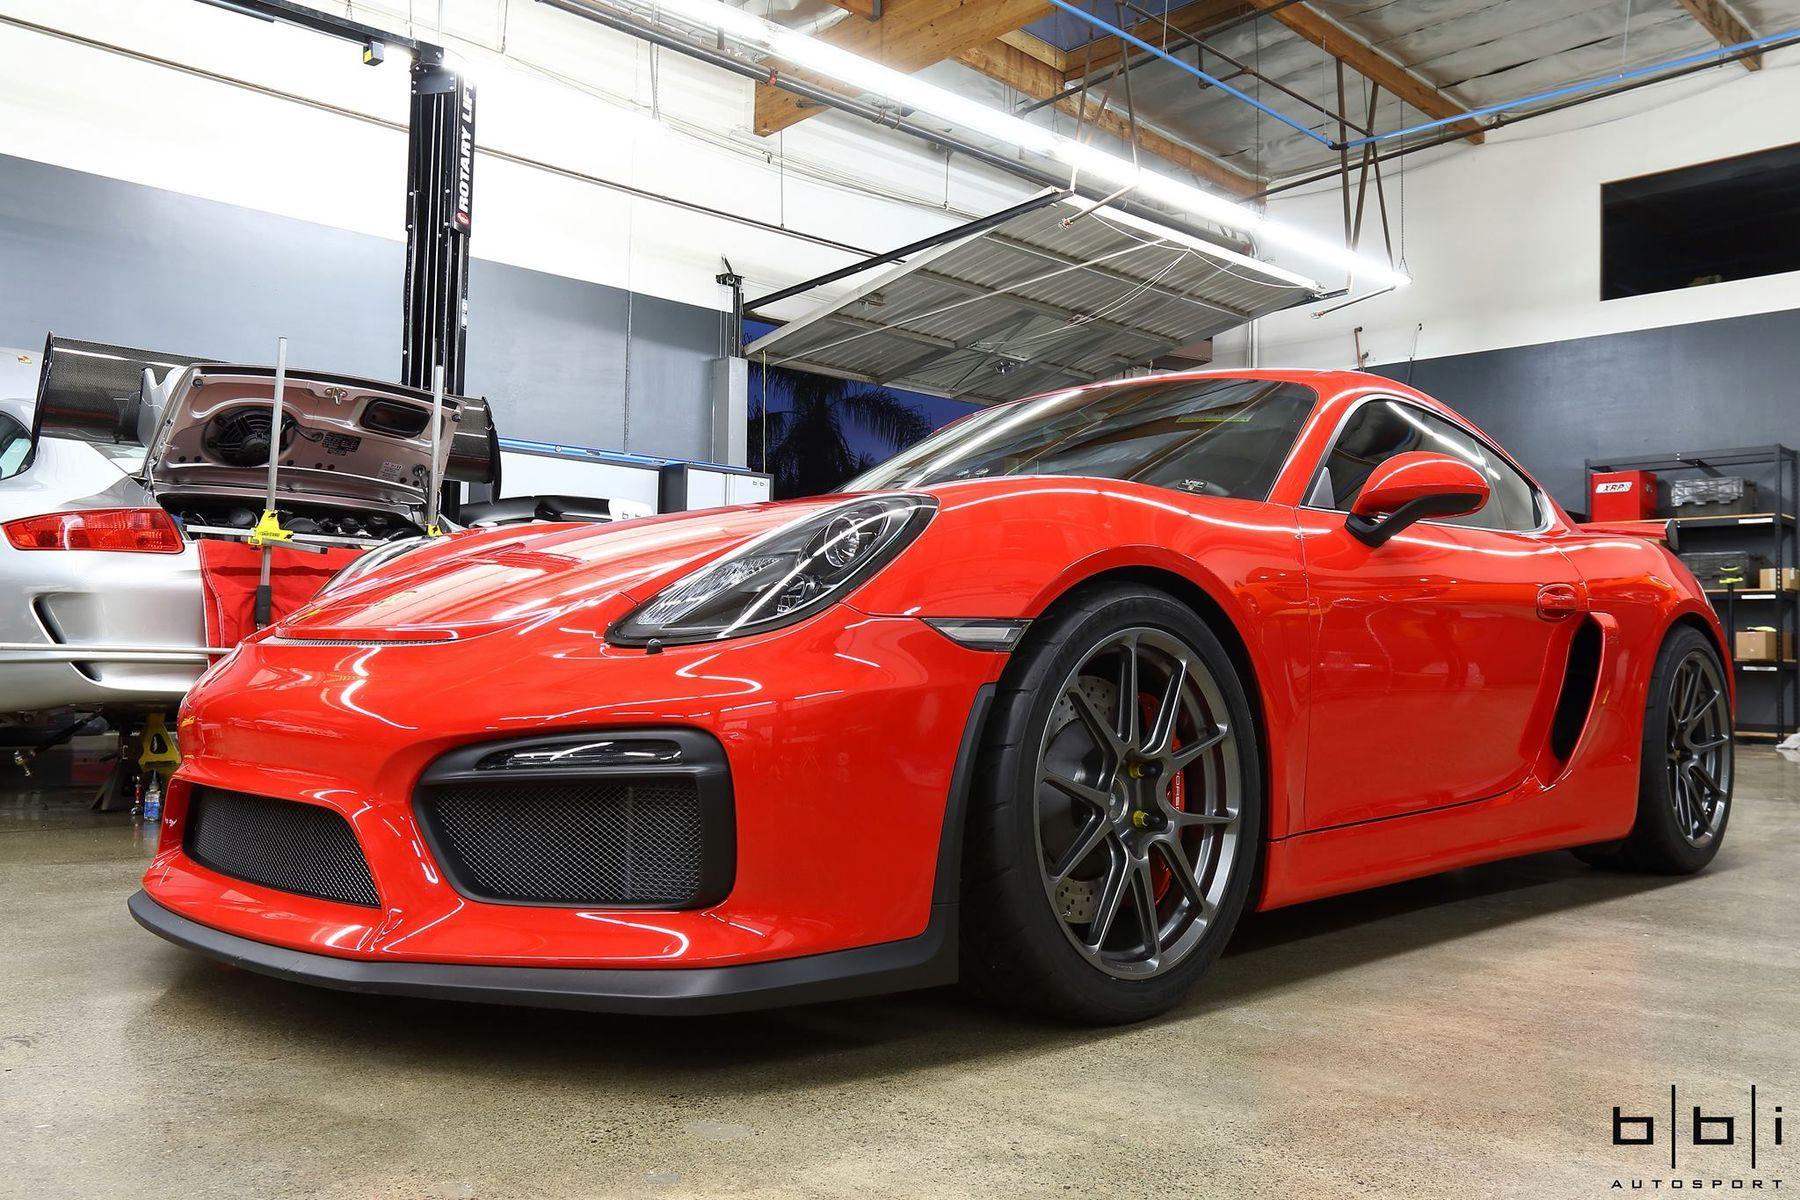 2017 Porsche Cayman   BBi Autosport Cayman GT4 on Forgeline One Piece Forged Monoblock GS1R Wheels